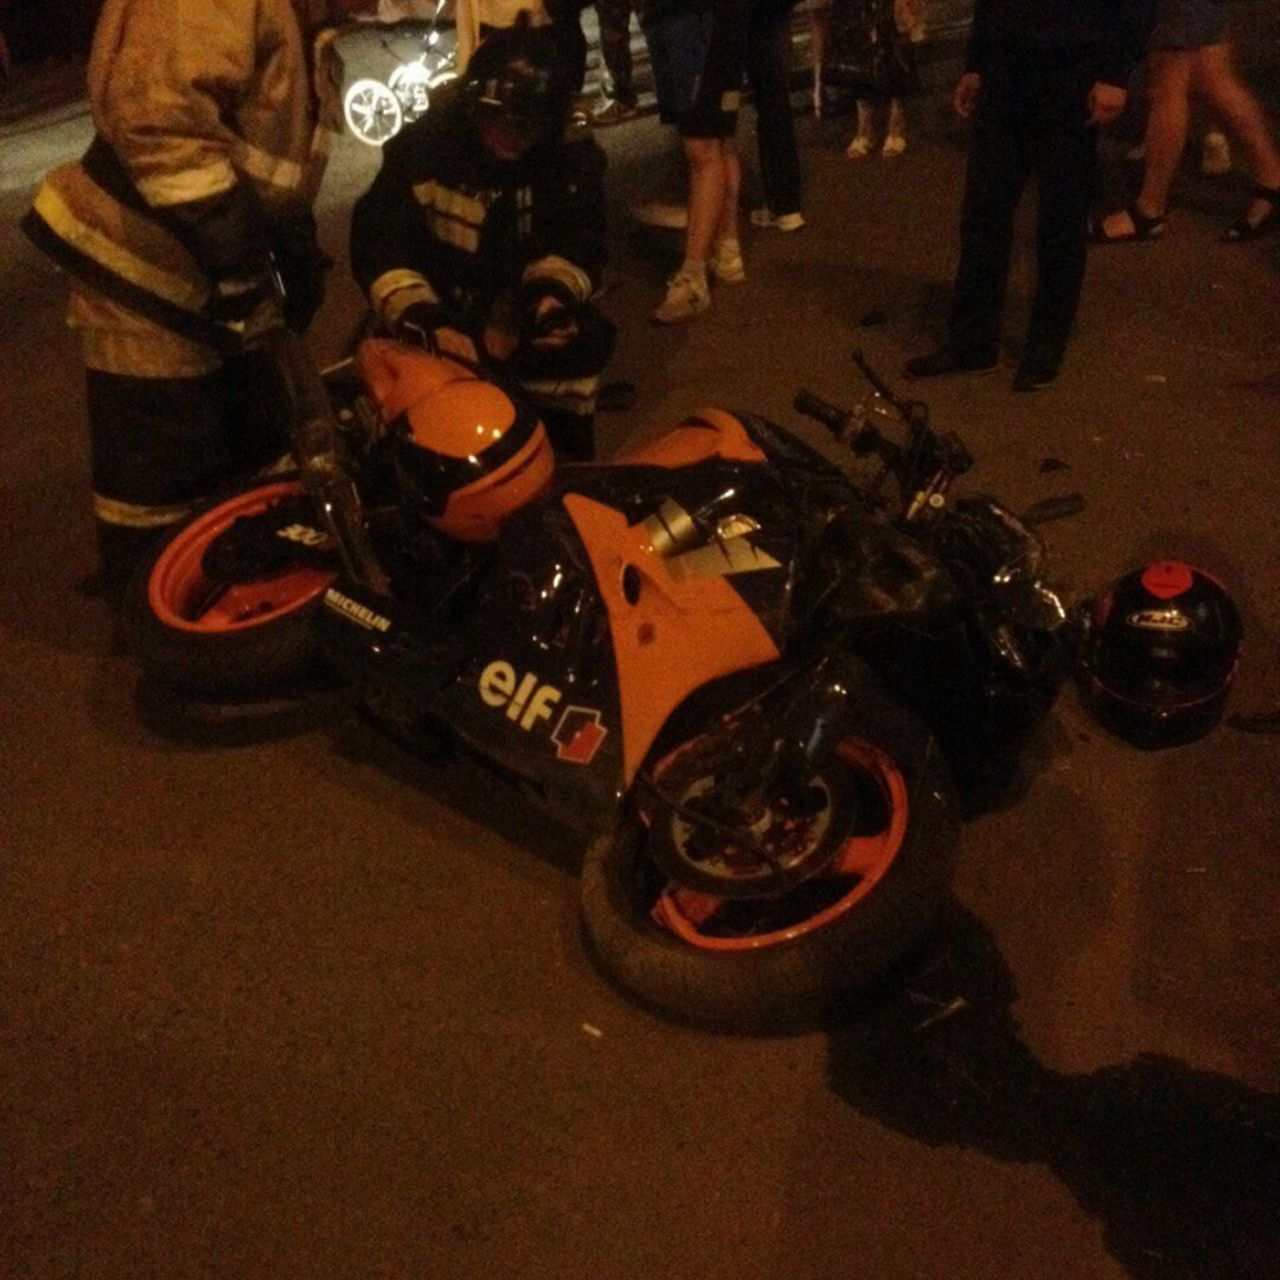 ВОмске летящий соскоростью 110км вчас мотоциклист сбил человека